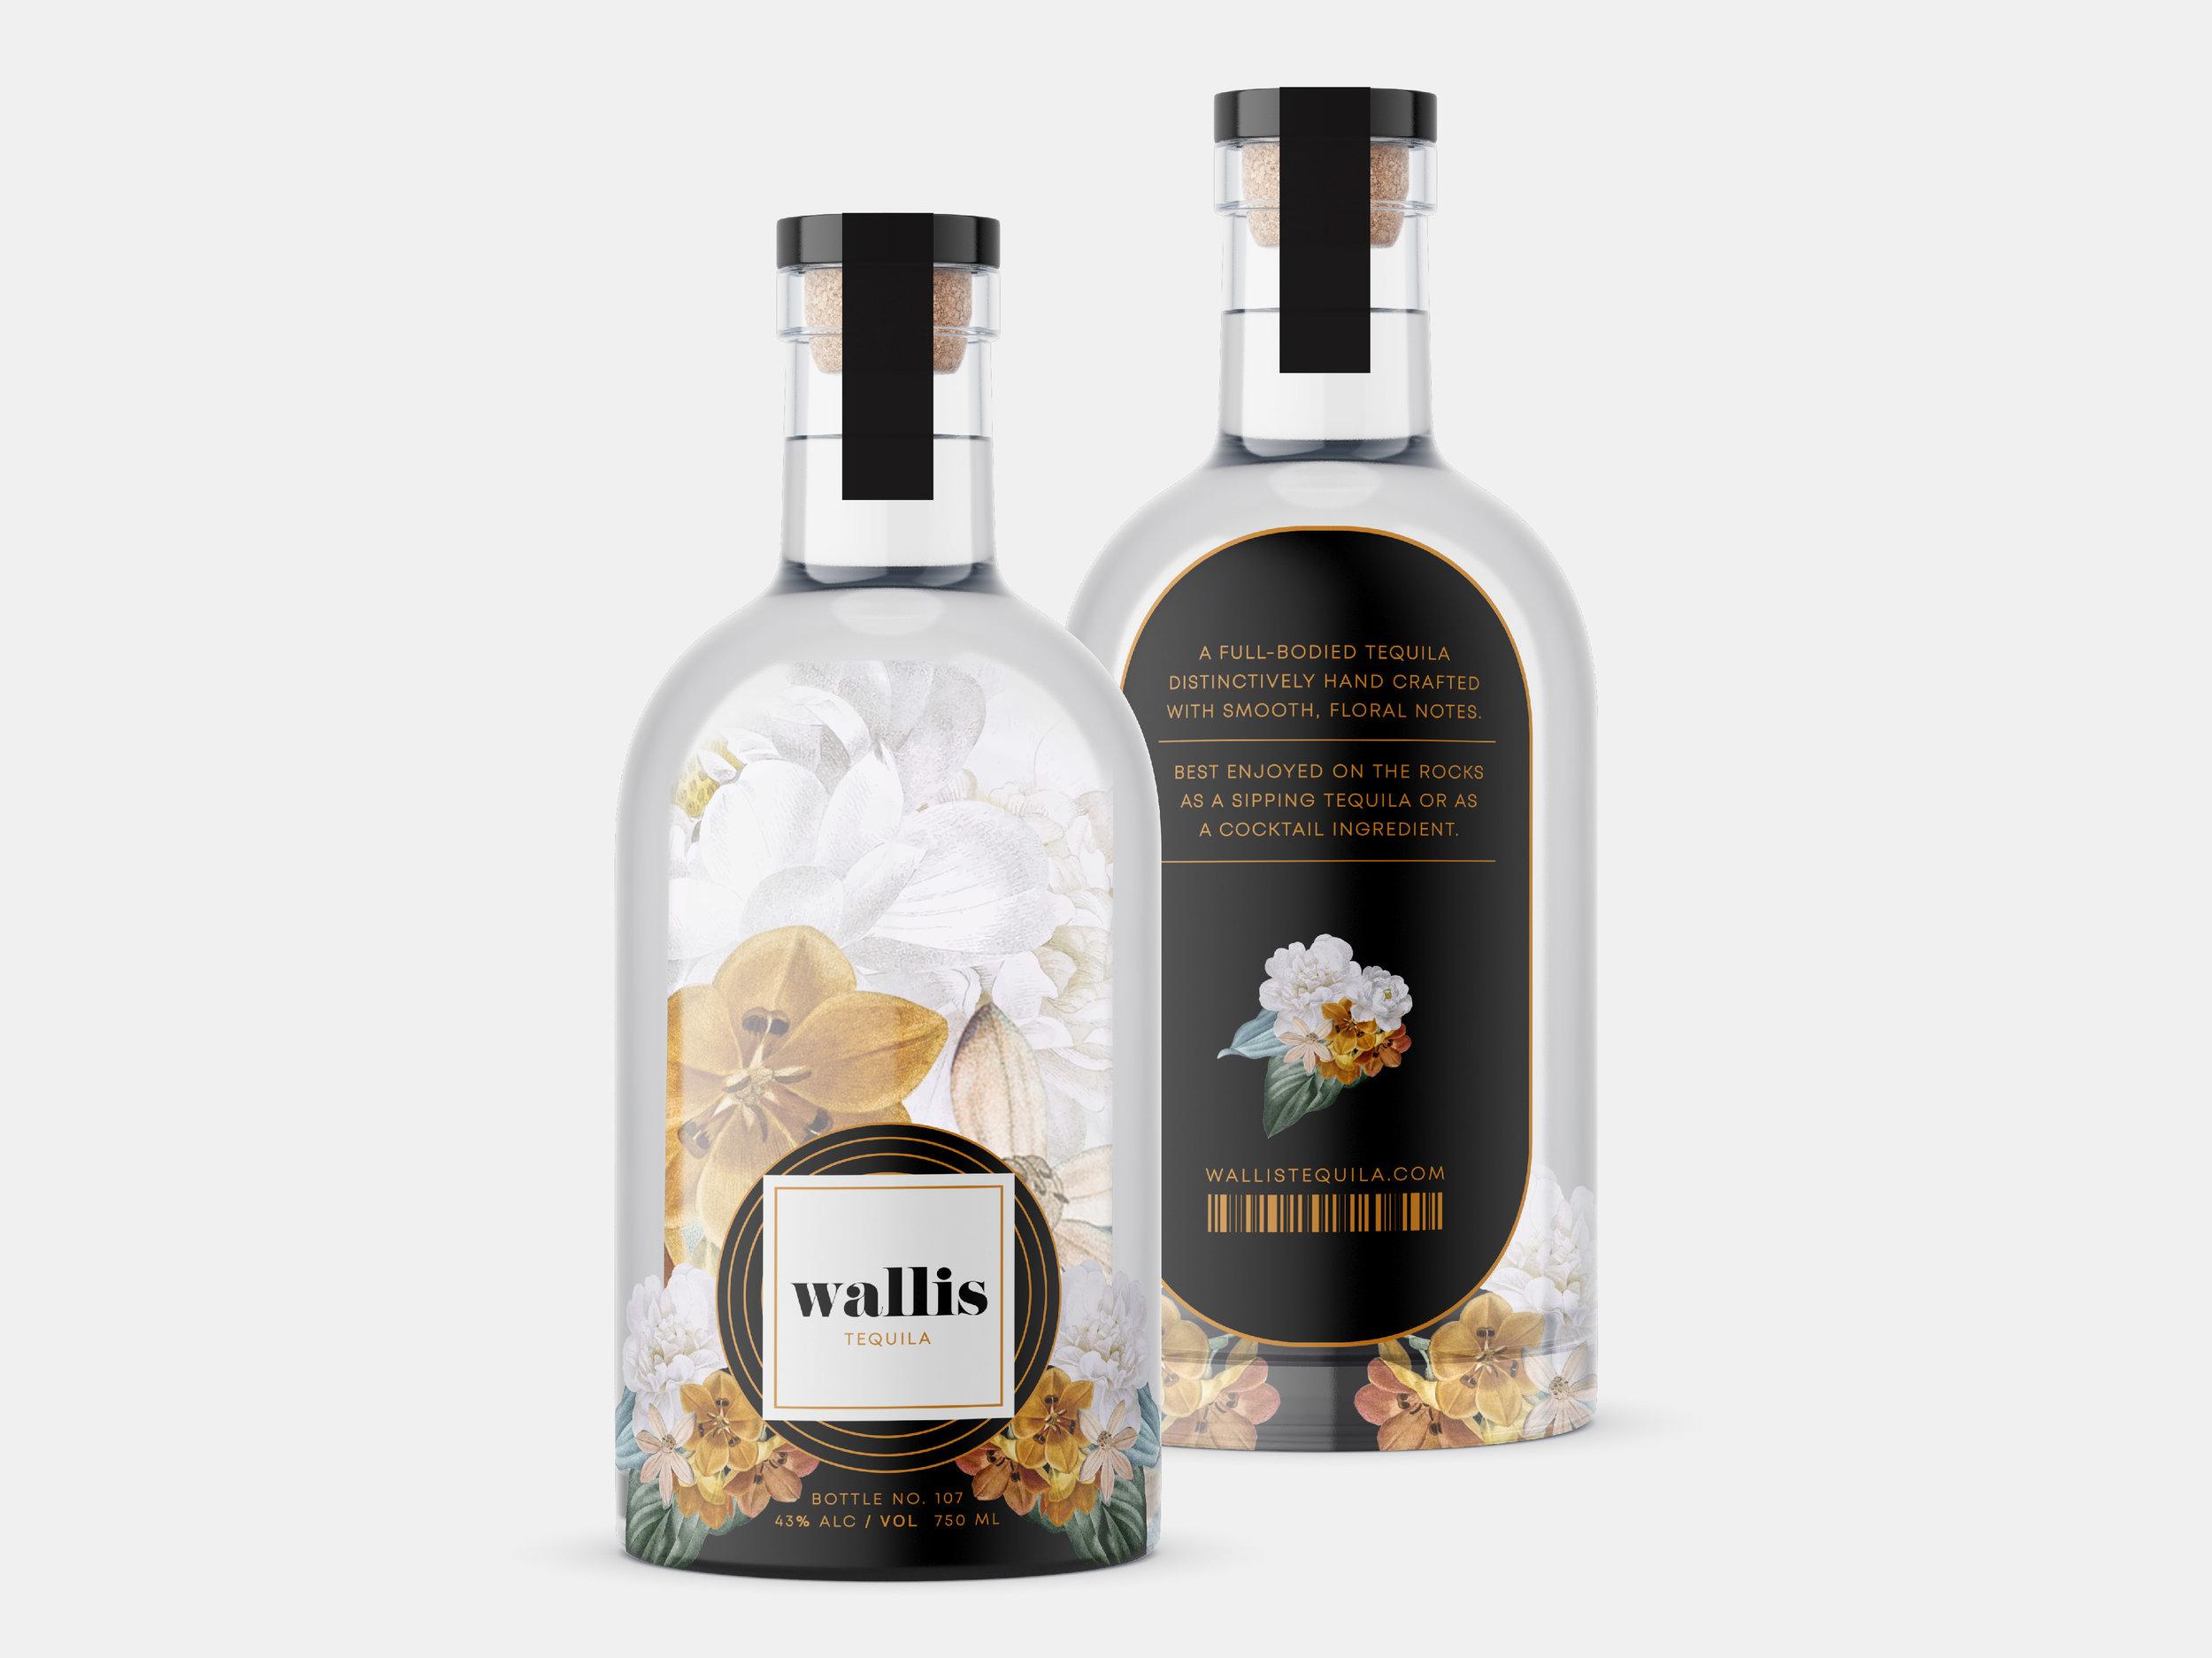 Merril Cledera - Wallis Tequila2.jpg